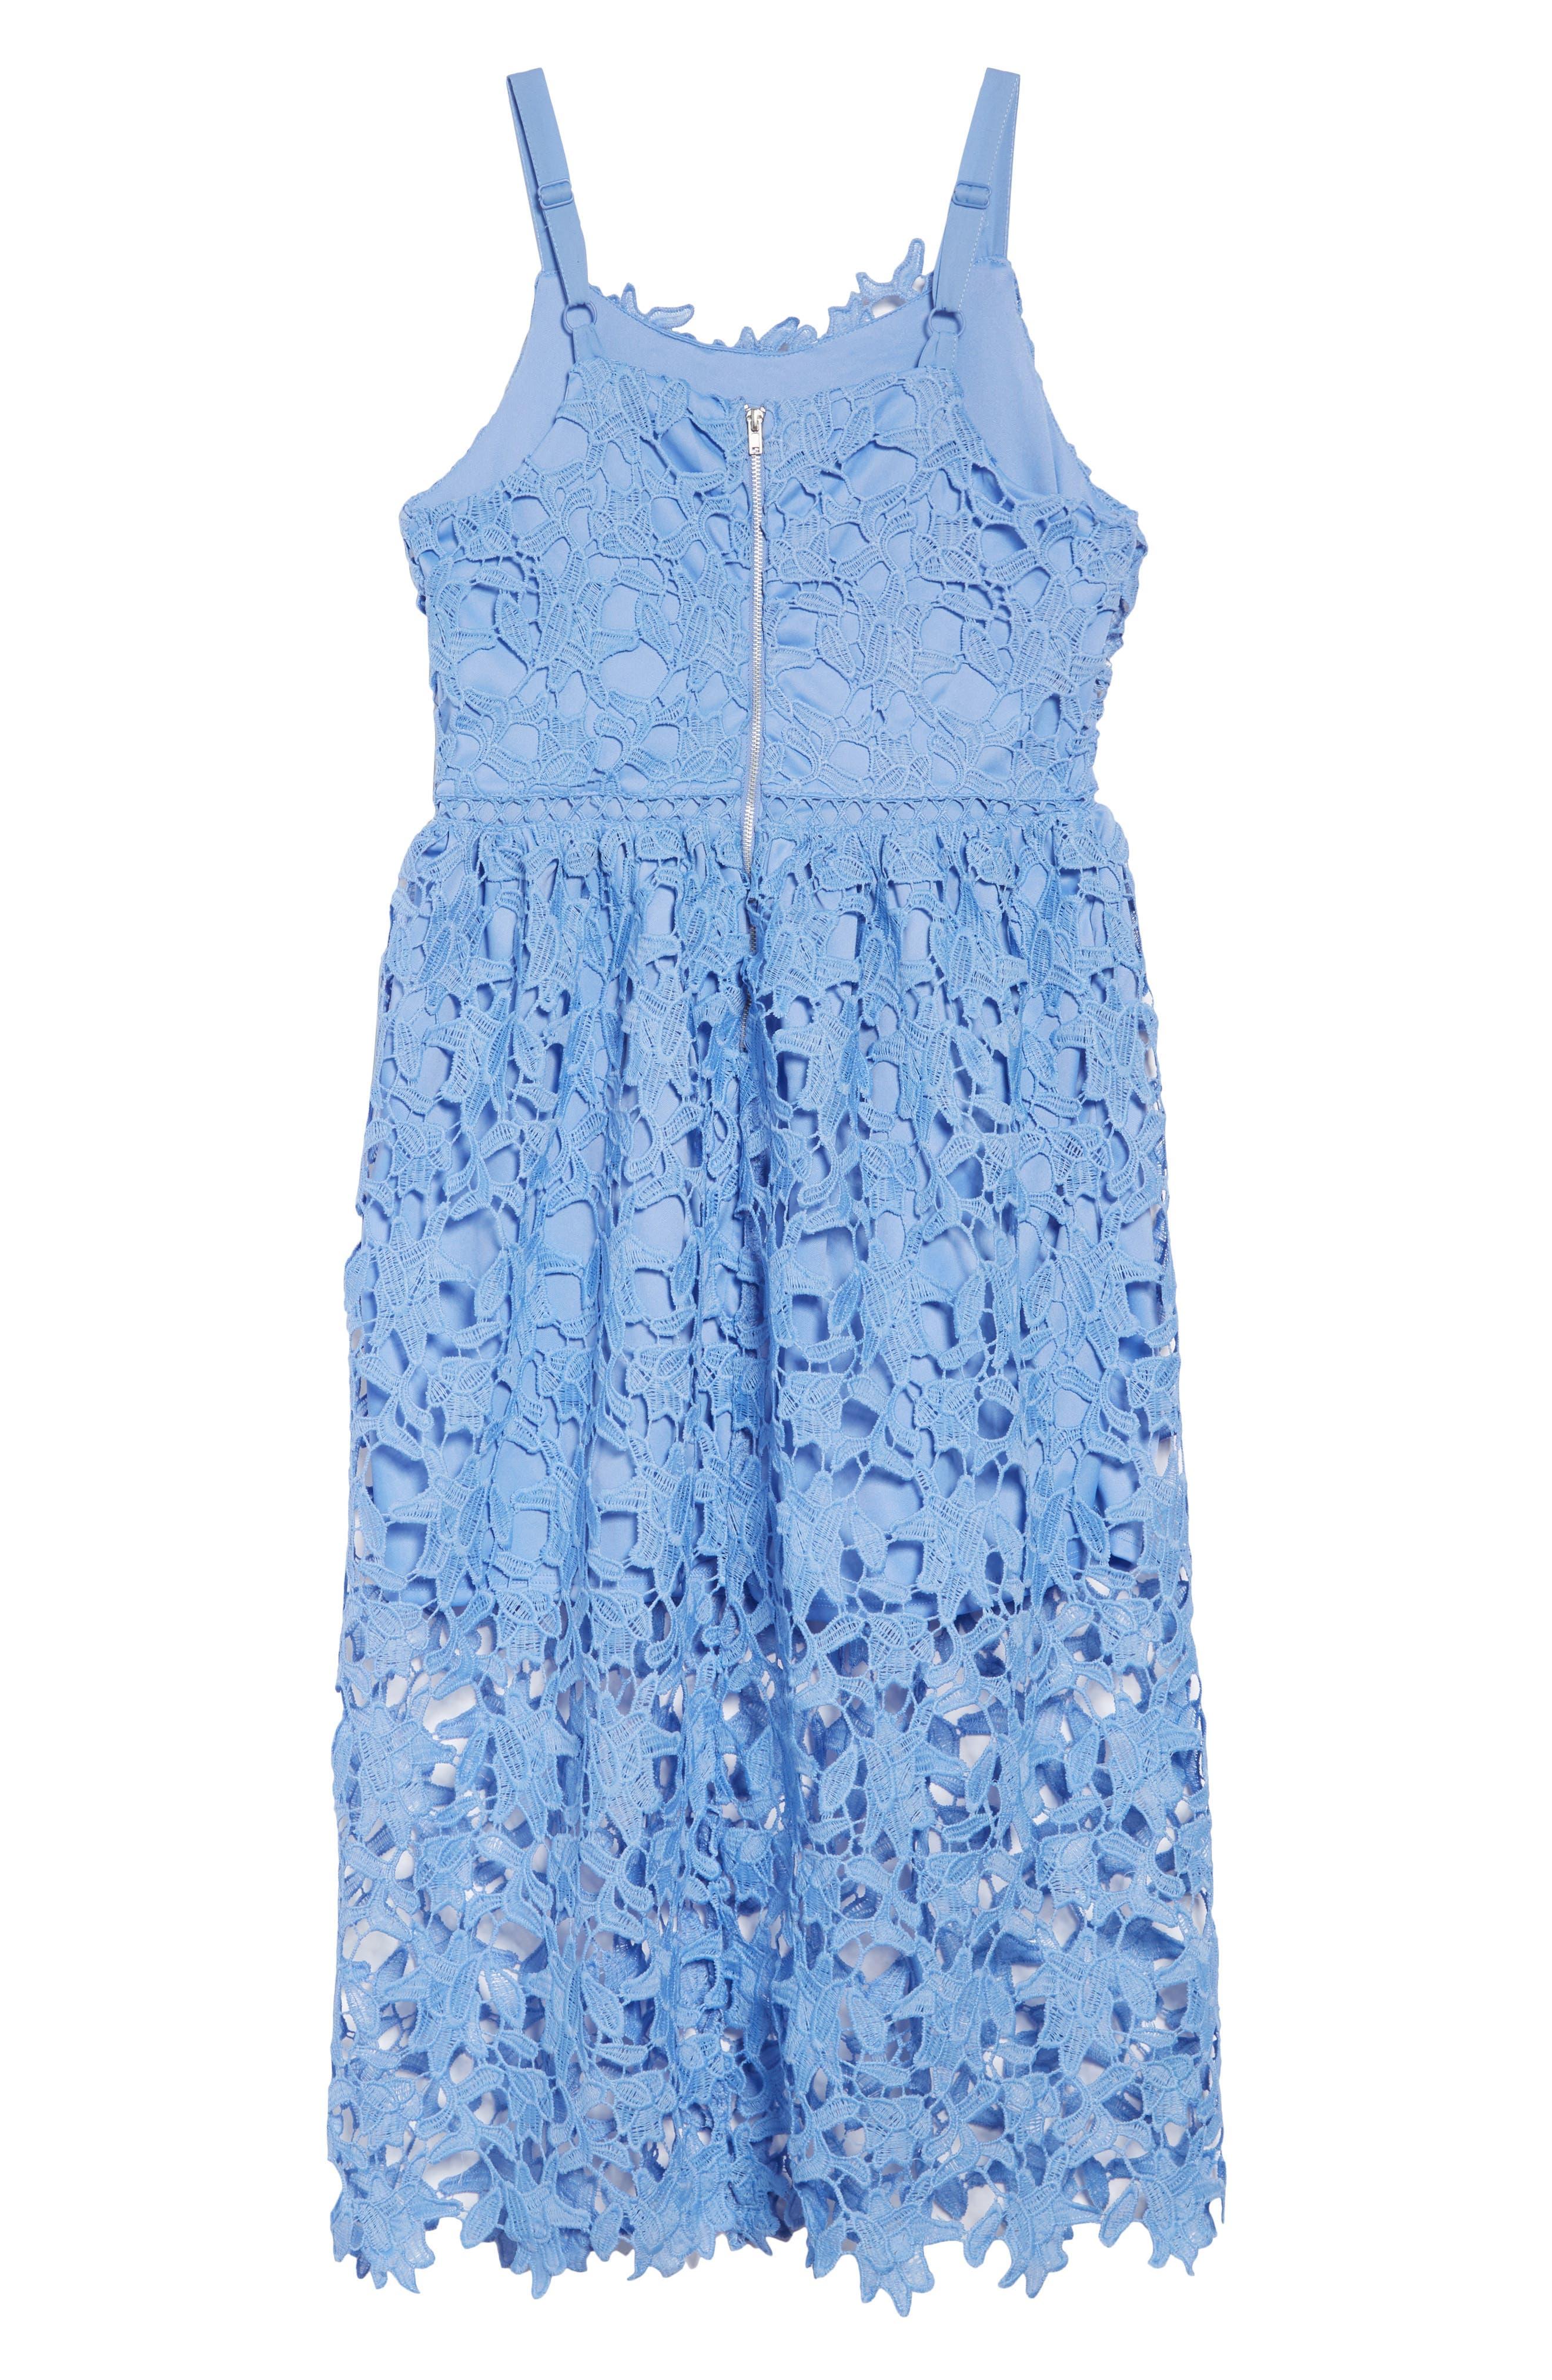 TRIXXI, Floral Lace Dress, Alternate thumbnail 2, color, PERIWINKLE